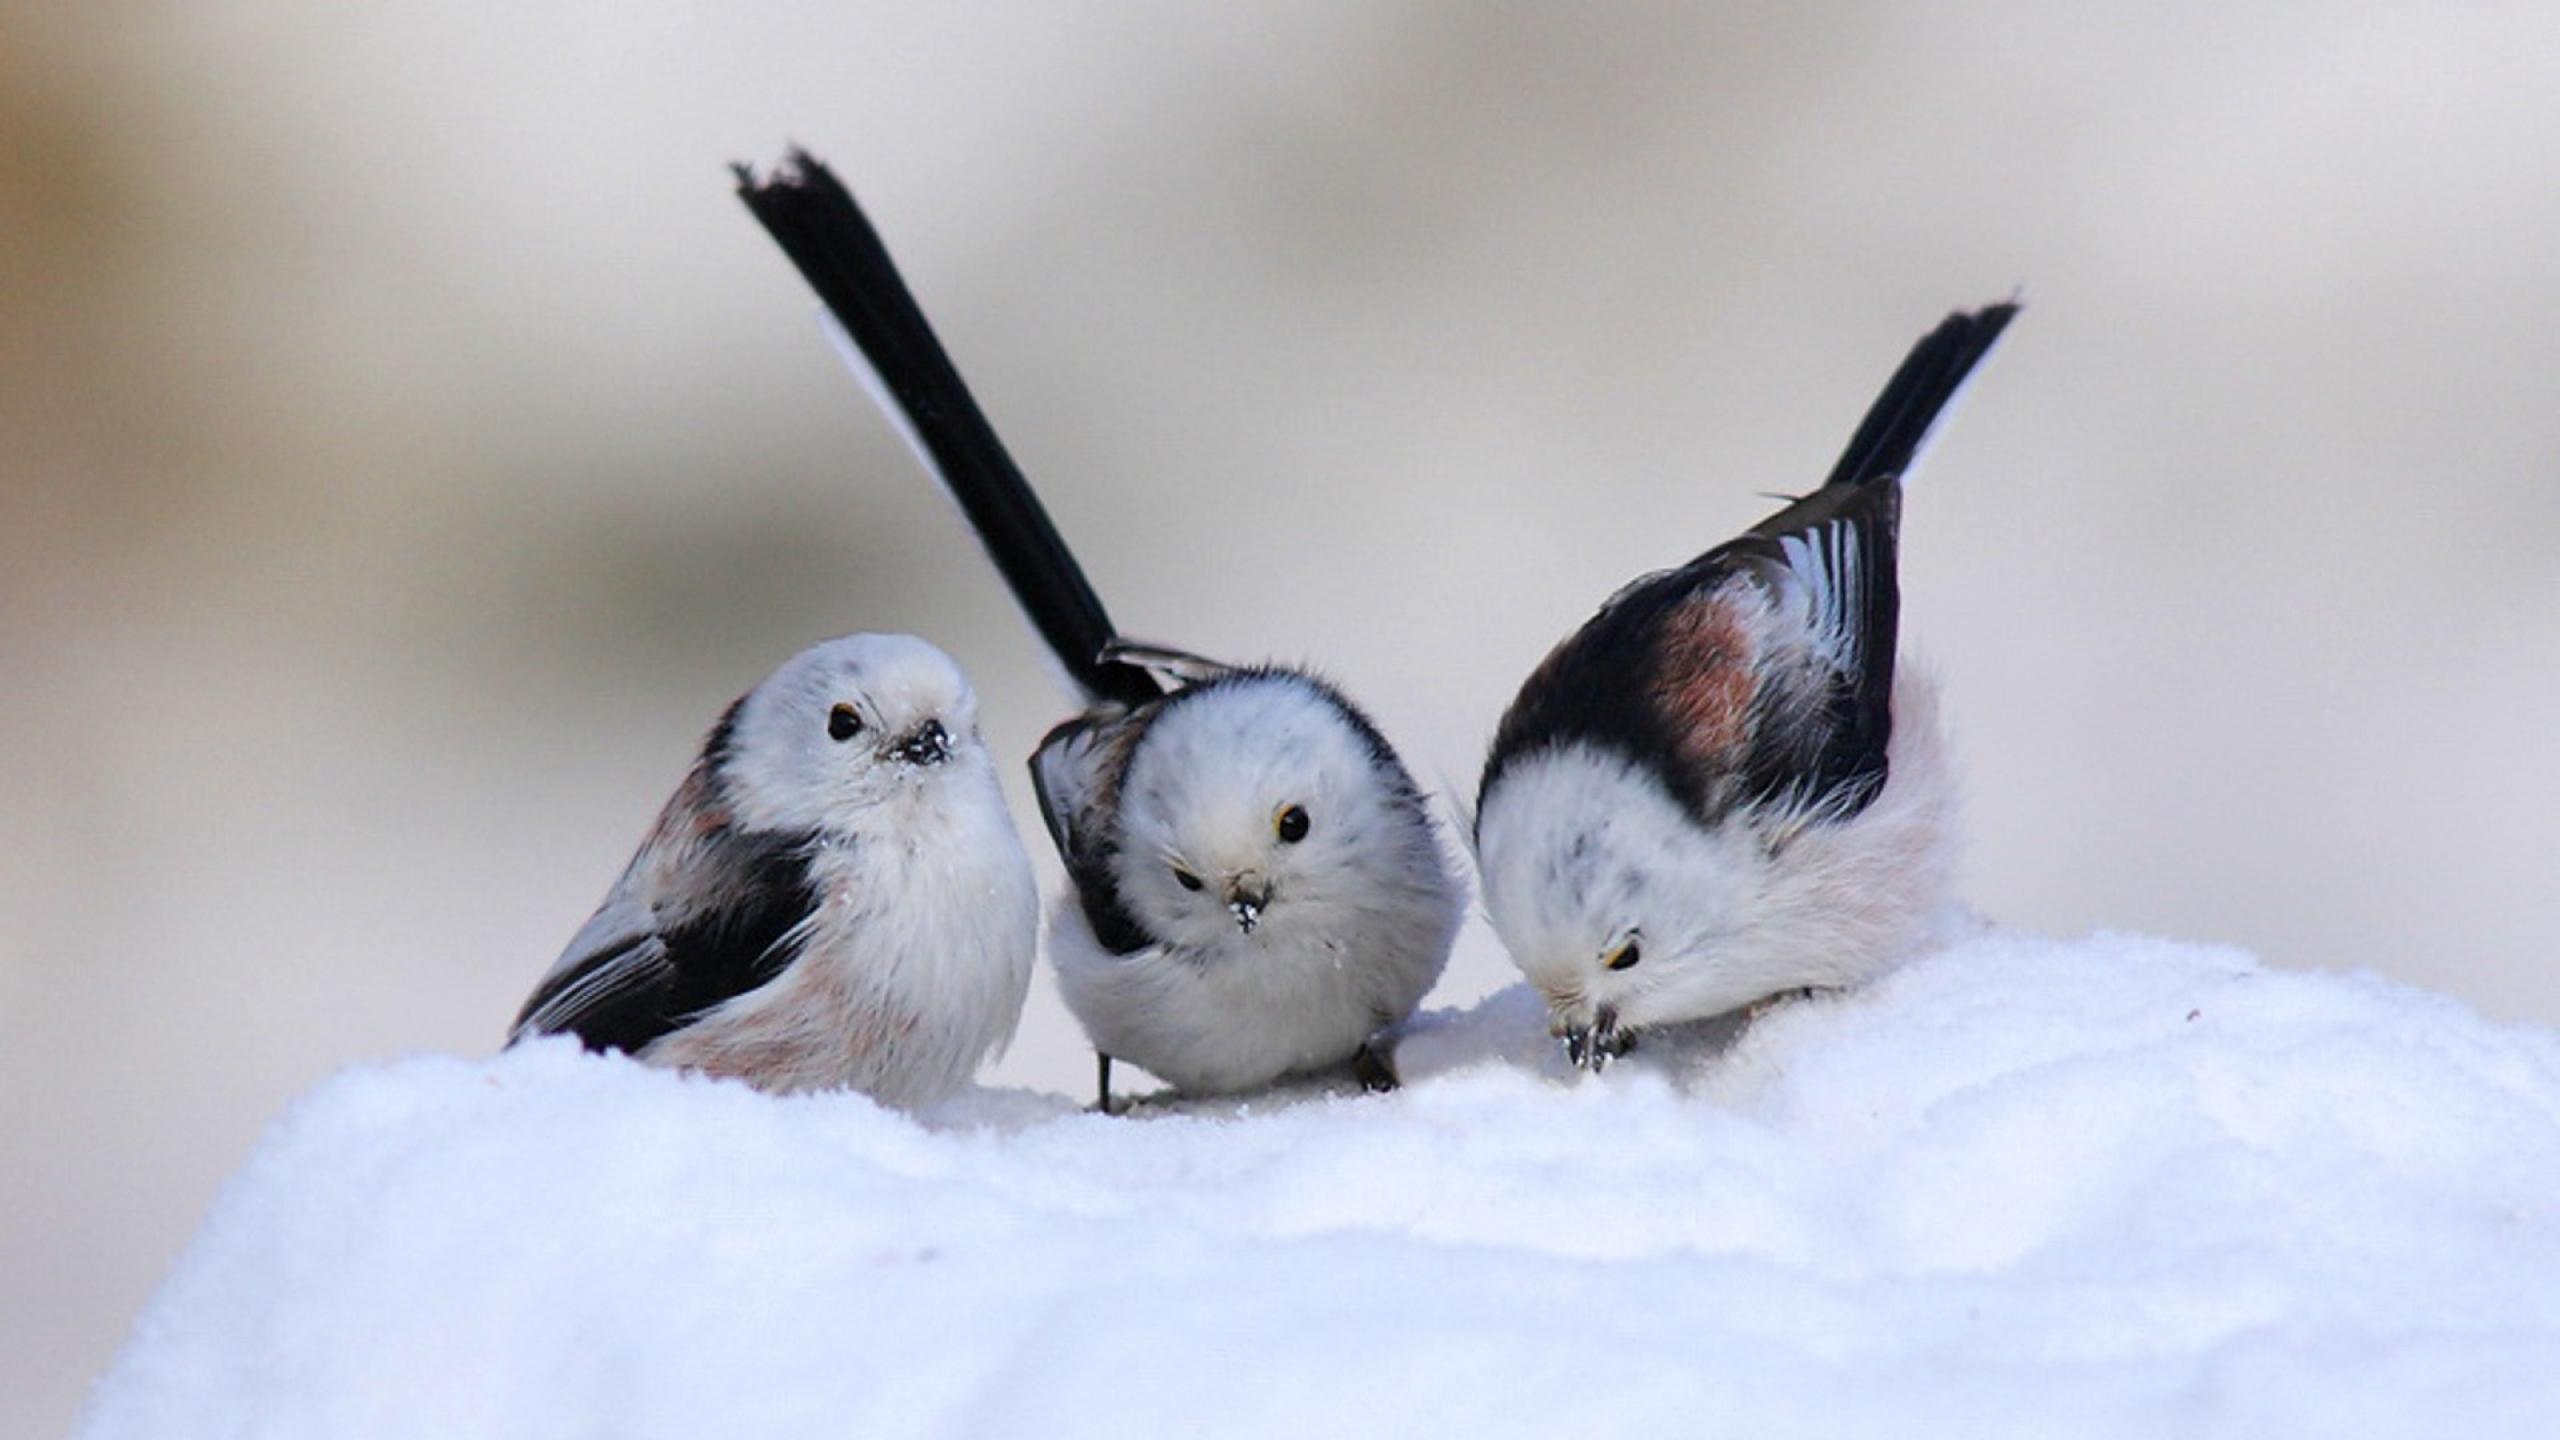 cute bird wallpaper A3